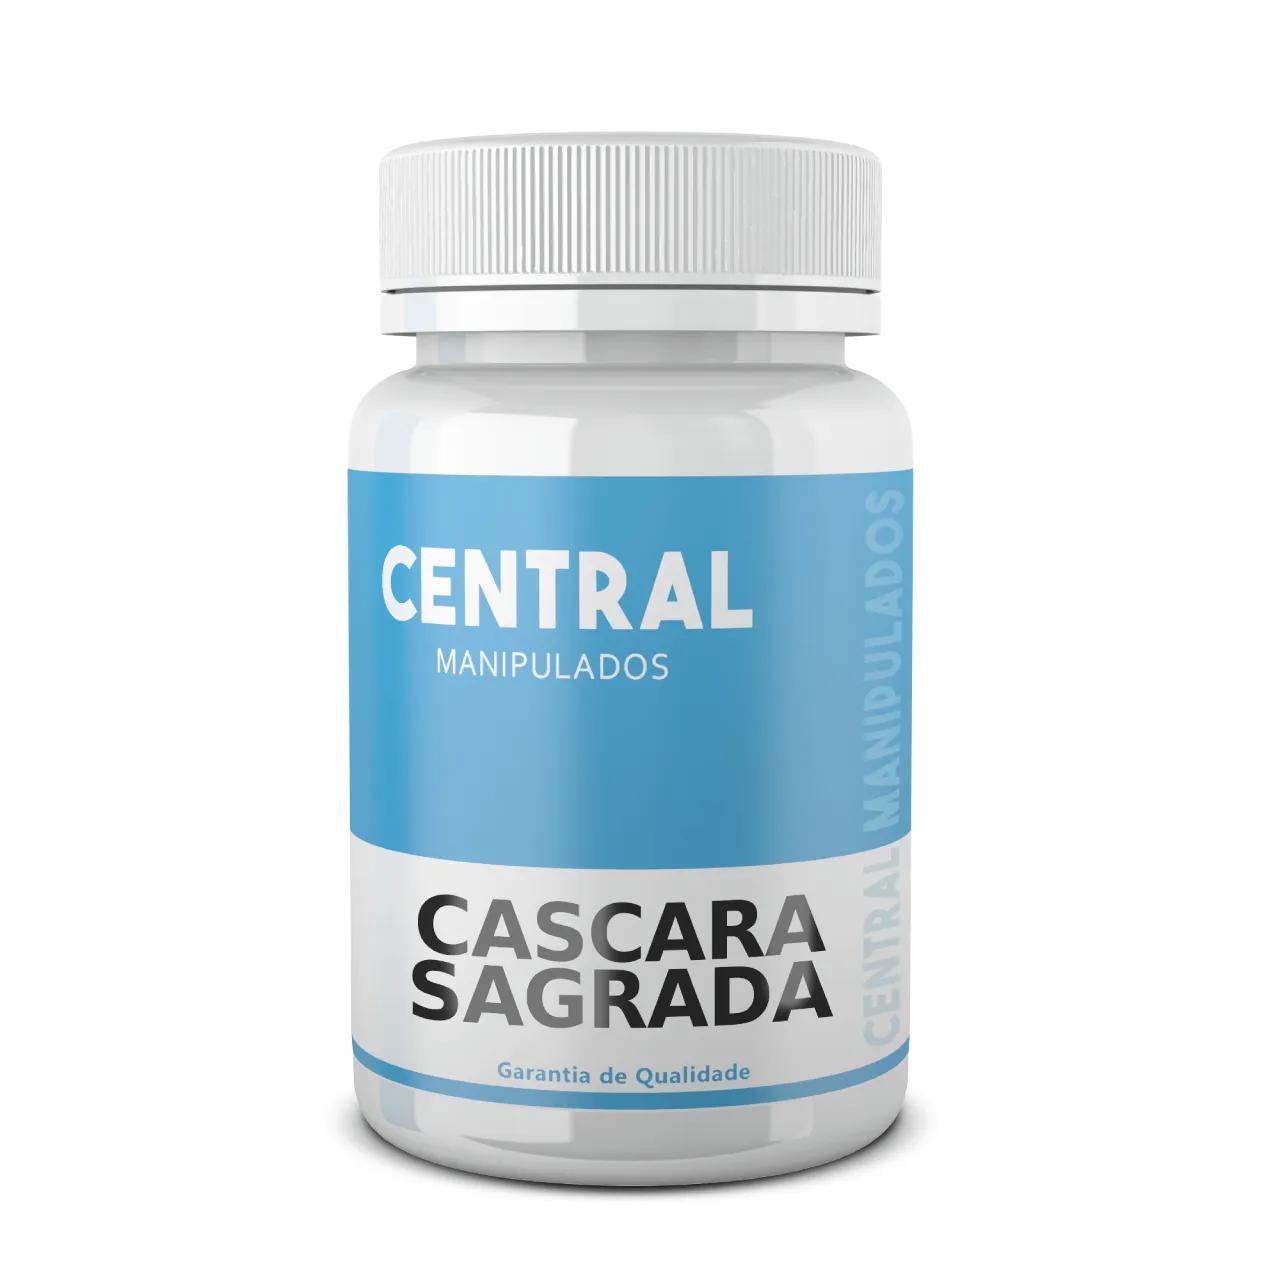 Cascara Sagrada 300mg - 60 cápsulas - Previne constipação intestinal, Laxativo